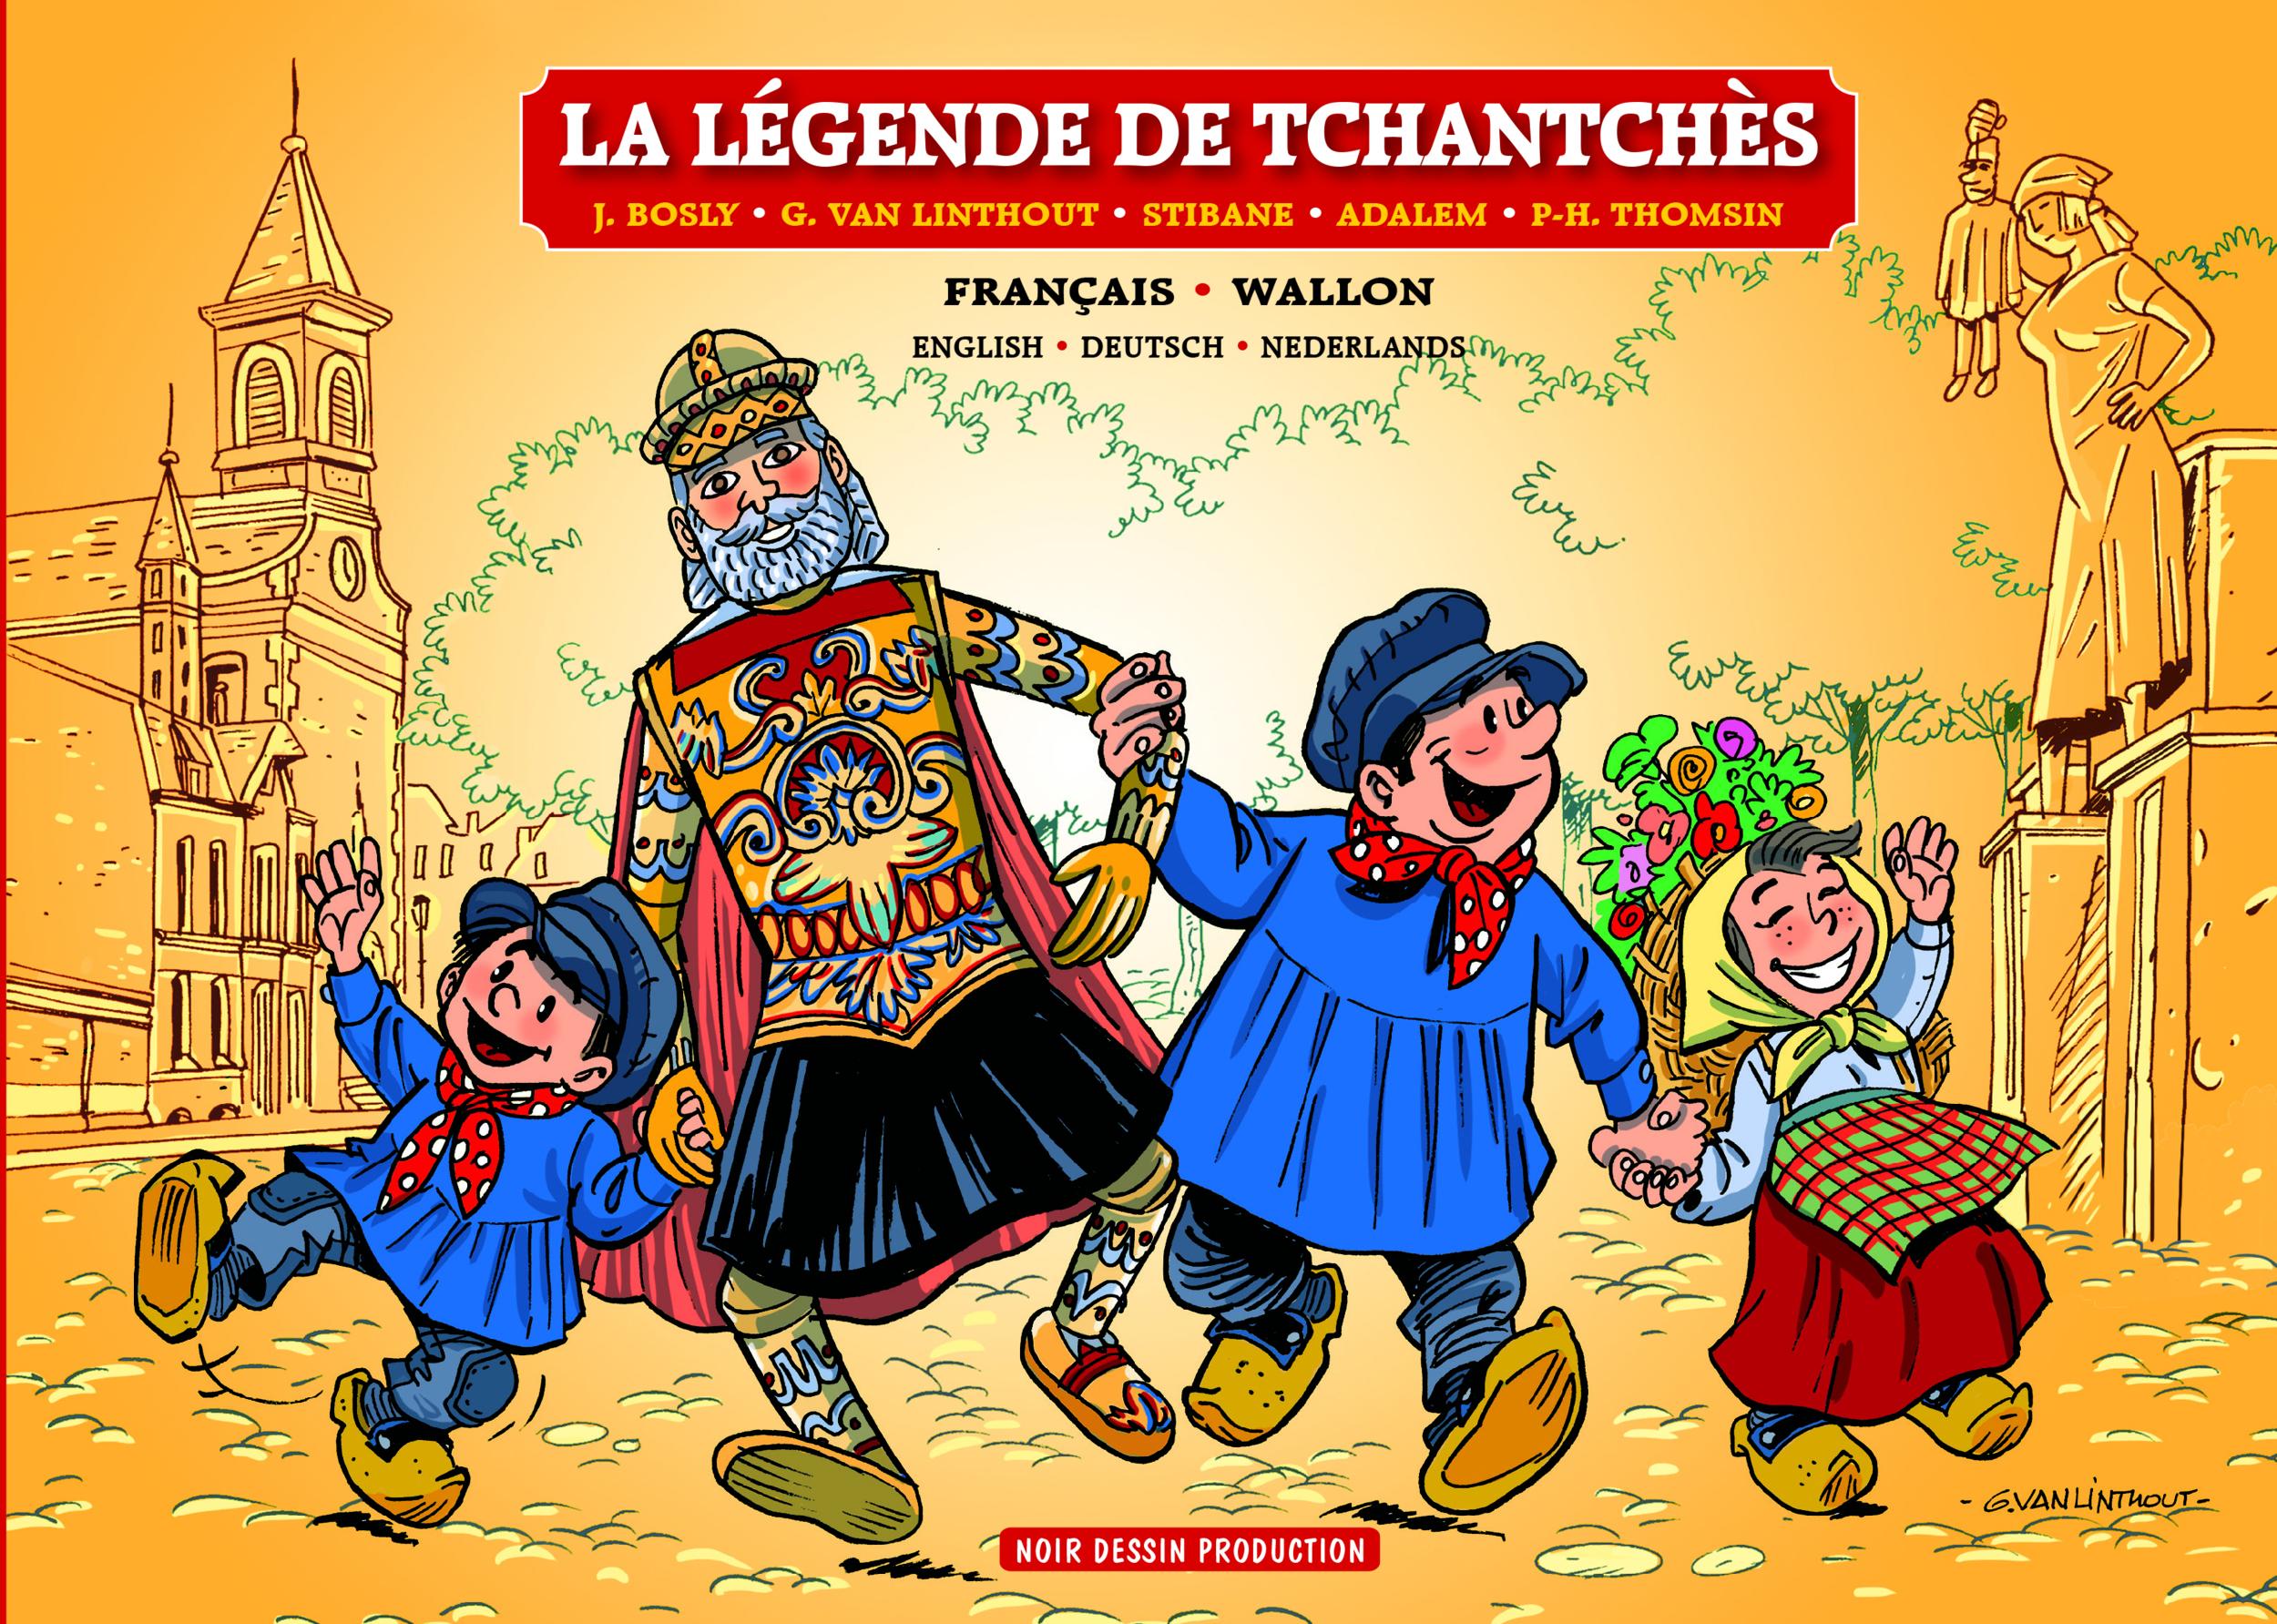 COVER LEGENDE TCHANTCHES